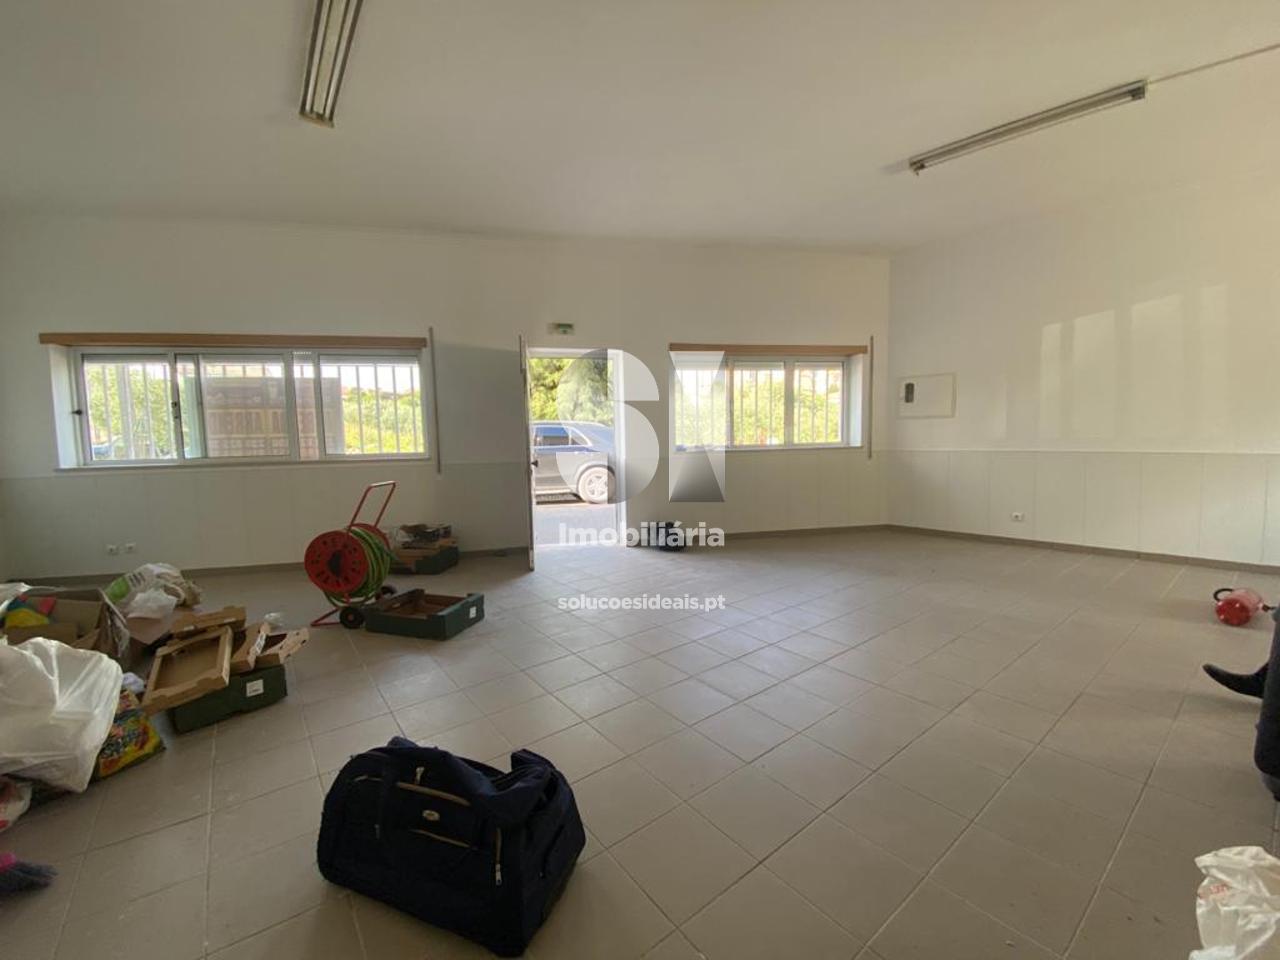 loja para arrendamento em coimbra uniao das freguesias de souselas e botao SEDDME9742